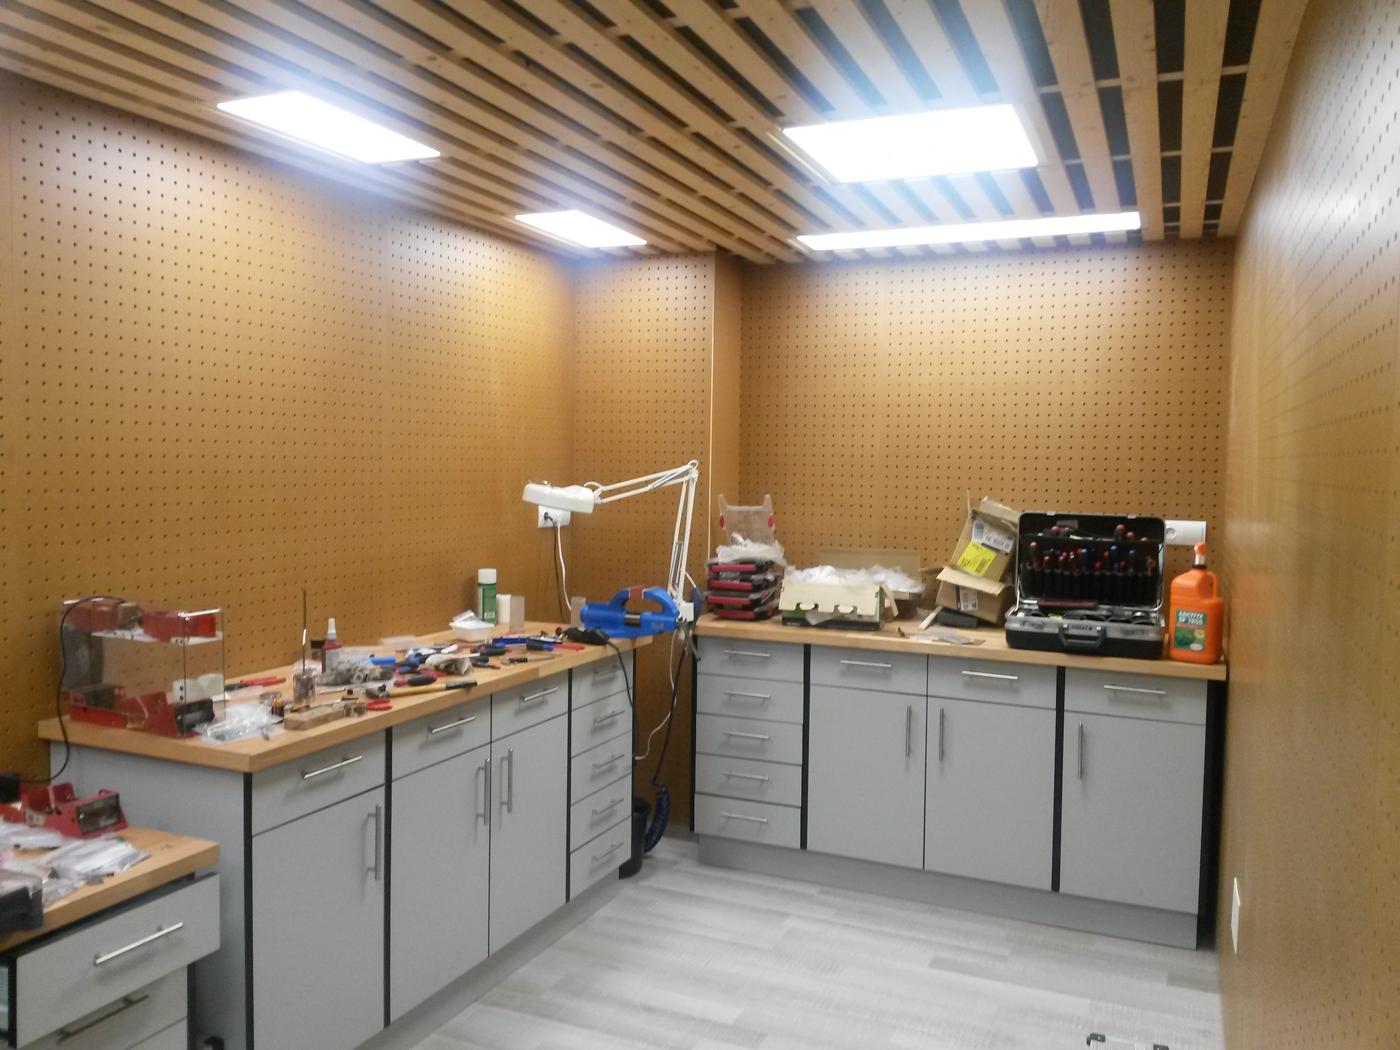 Nuestras instalaciones Ibergríps Castilla Valladolid